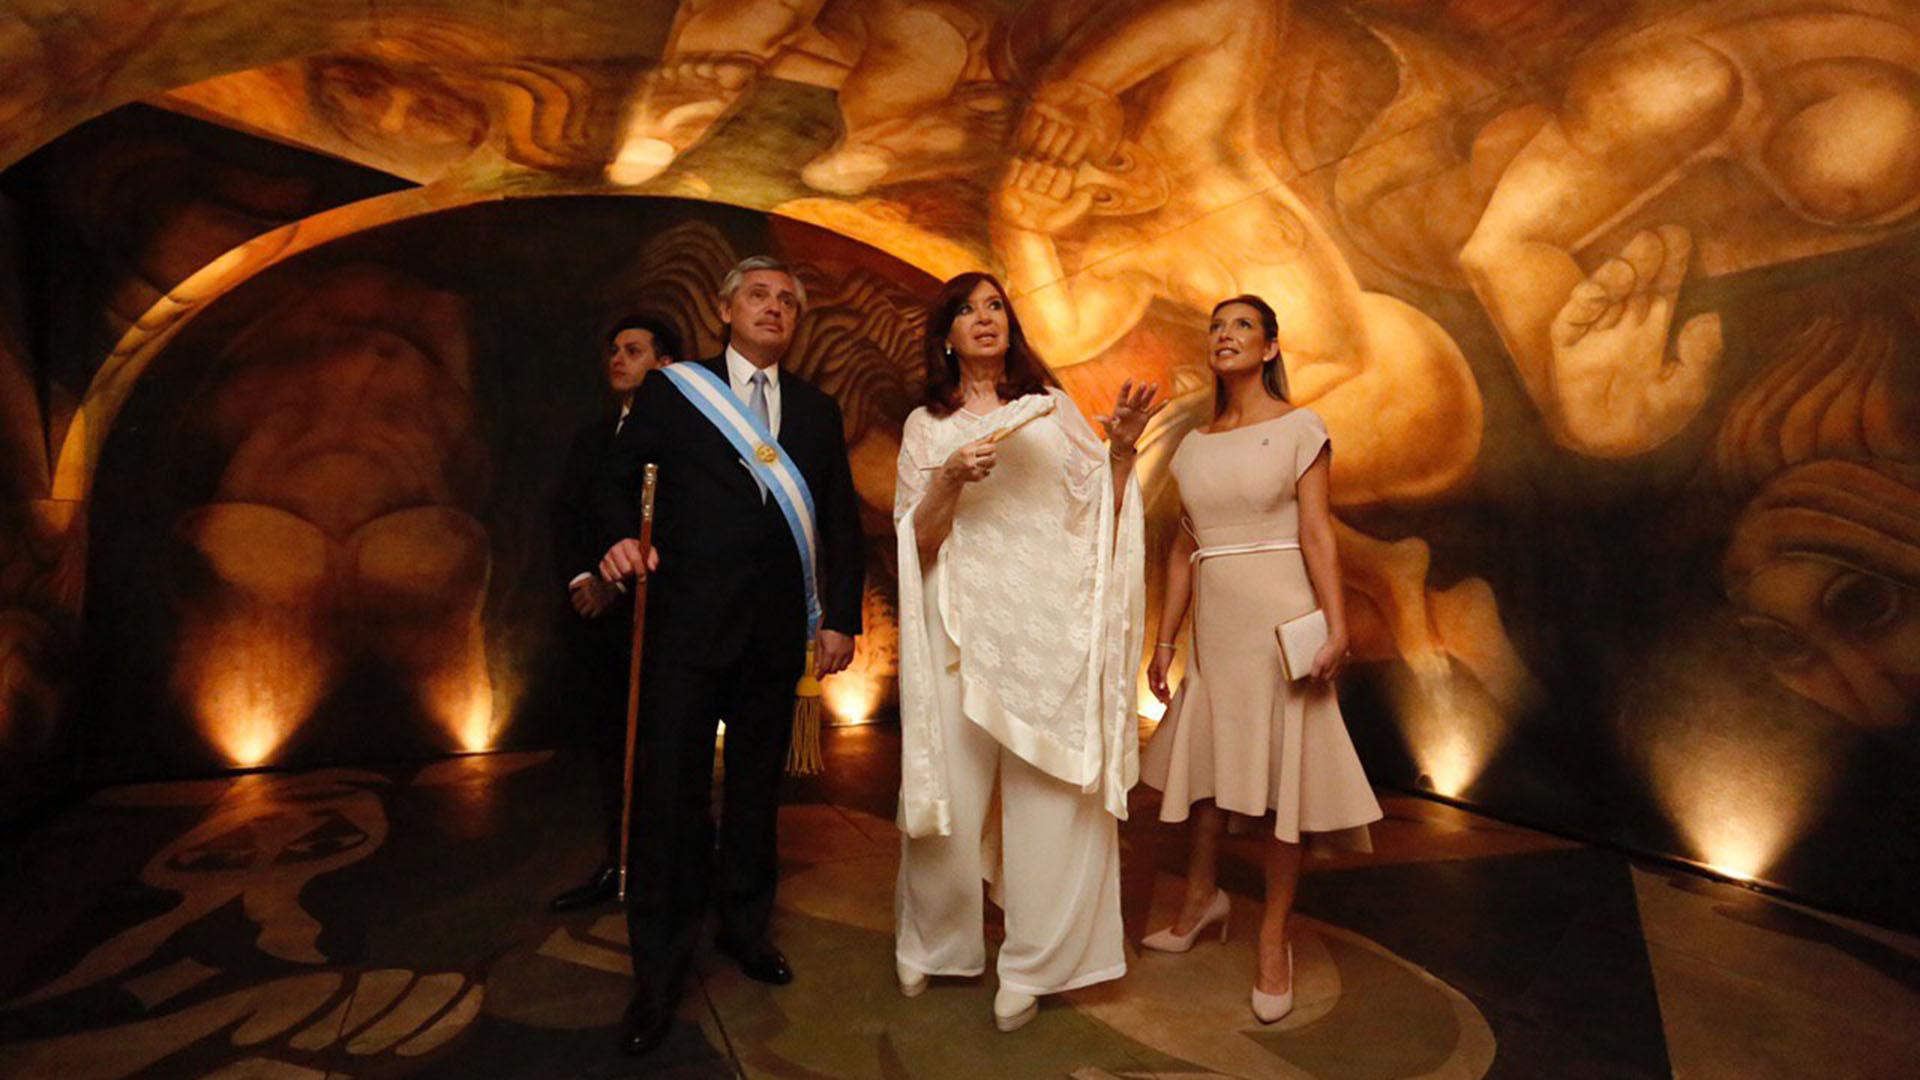 El presidente Alberto Fernandez, junto a su vice Cristina Kirchner y la primera dama Fabiola Yañez en el Museo del Bicentenario